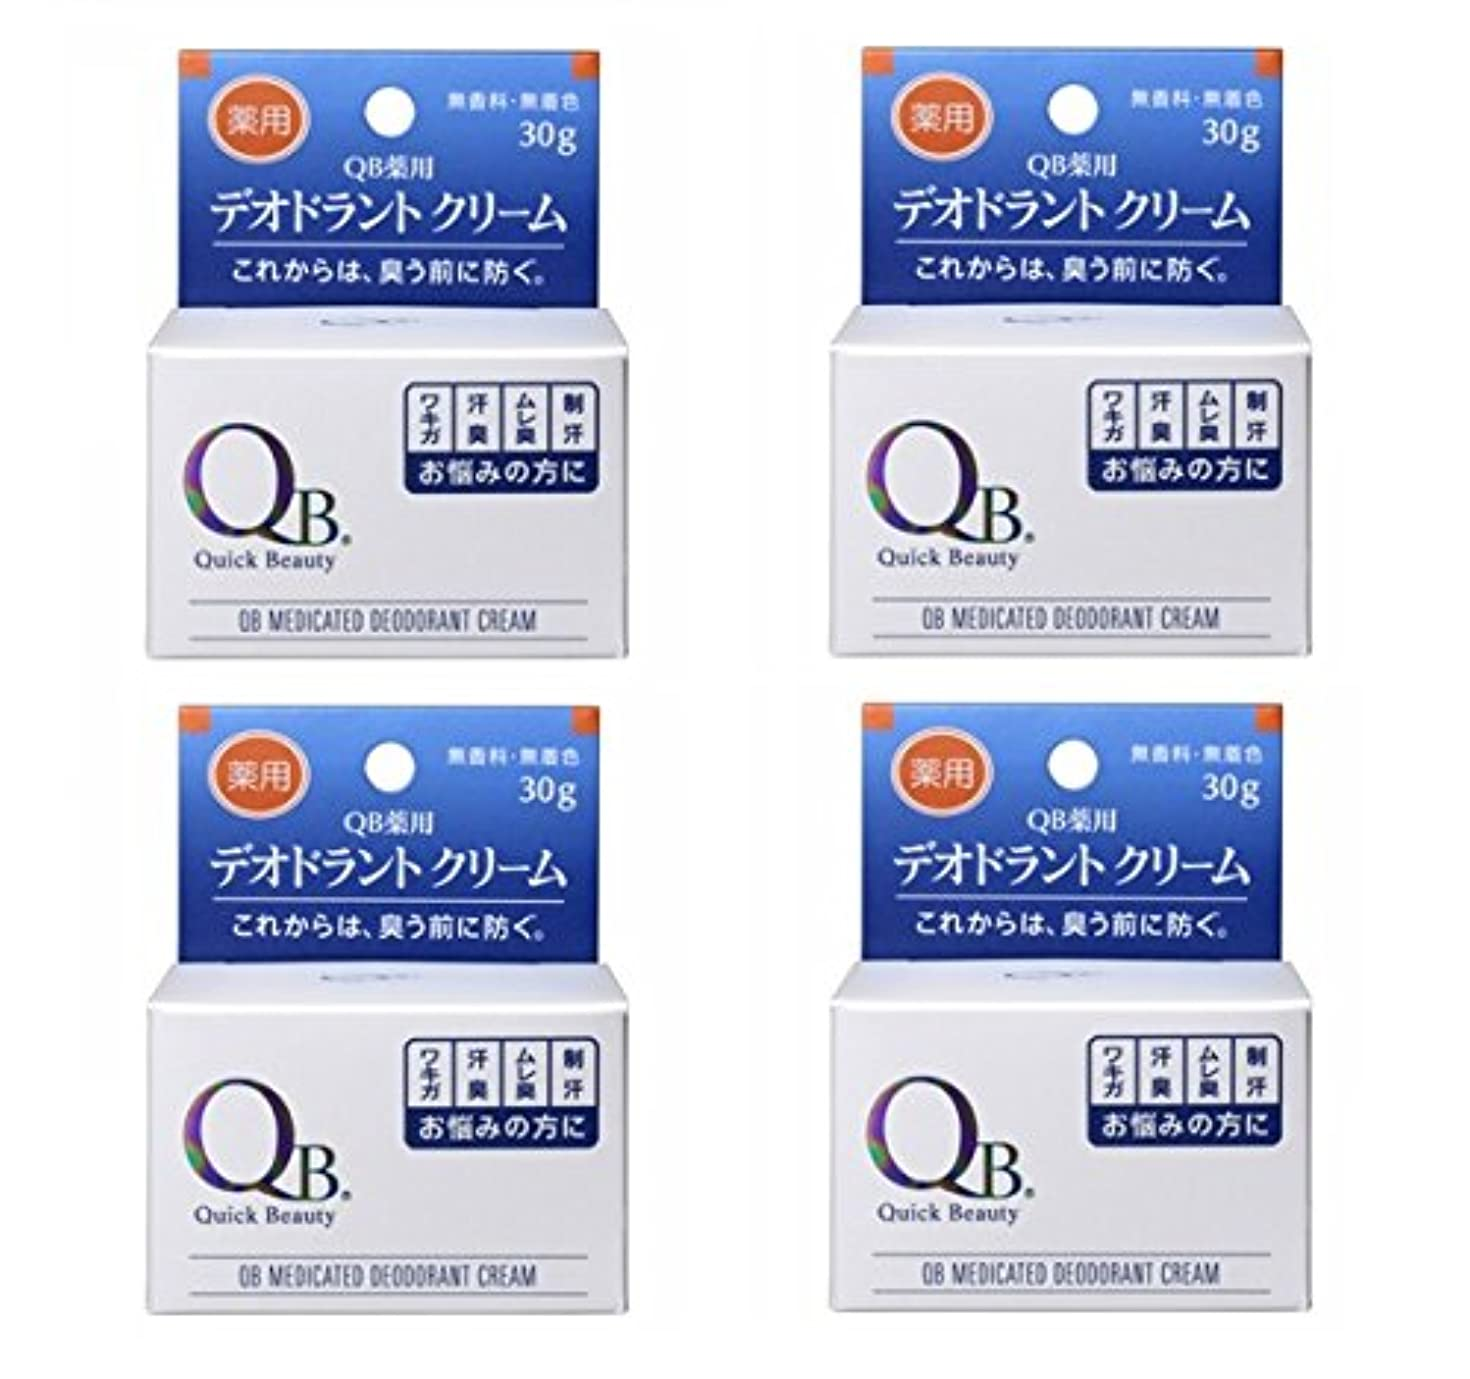 俳句酸化物なめらか【×4個】 QB 薬用デオドラントクリーム 30g 【国内正規品】